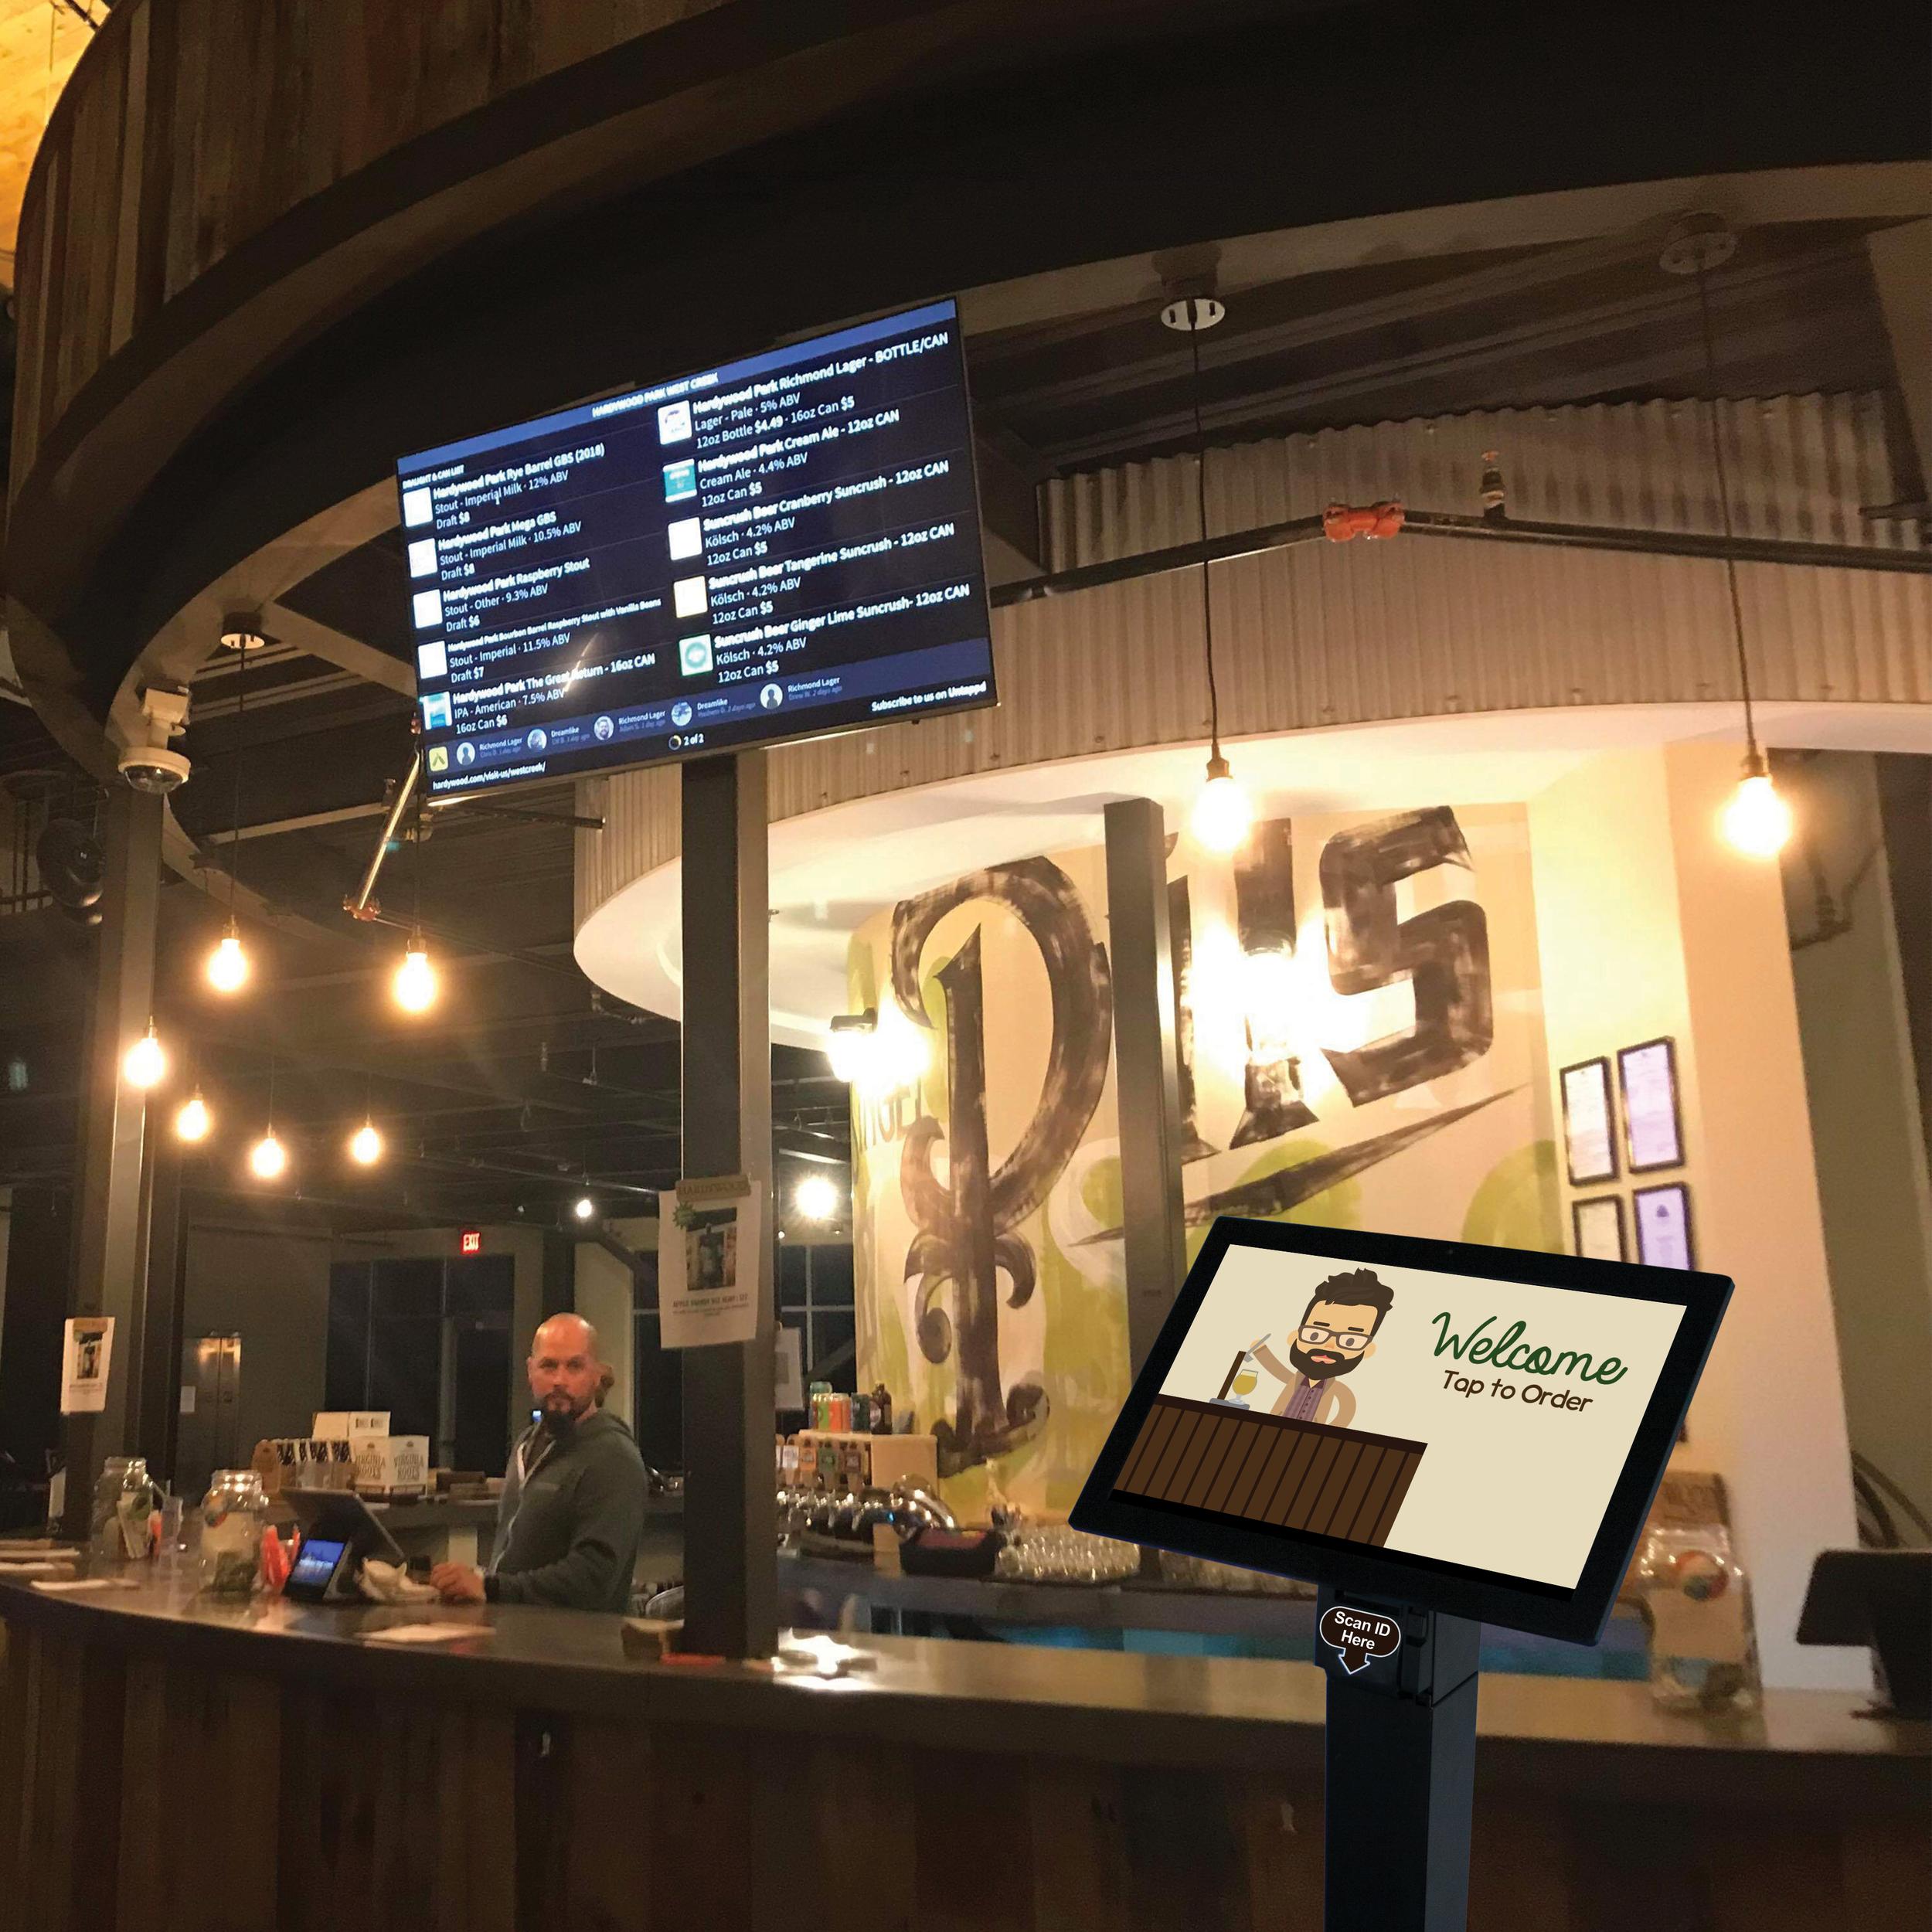 Bar Kiosk